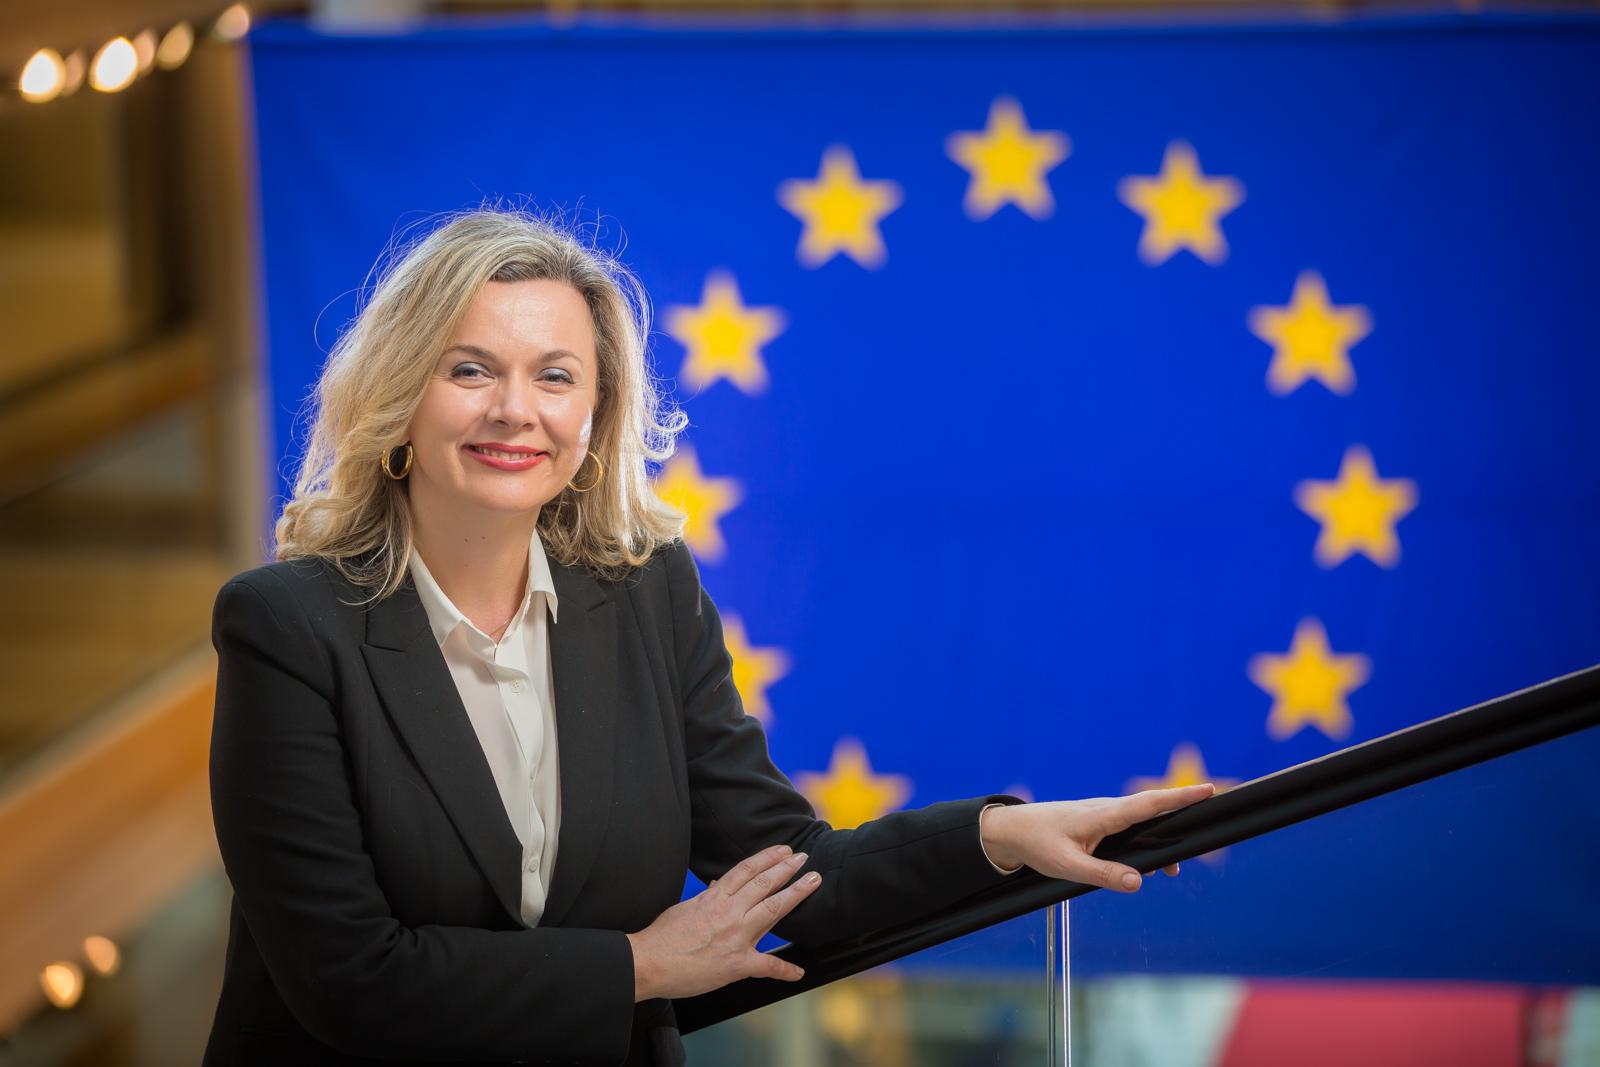 Željana Zovko MEP